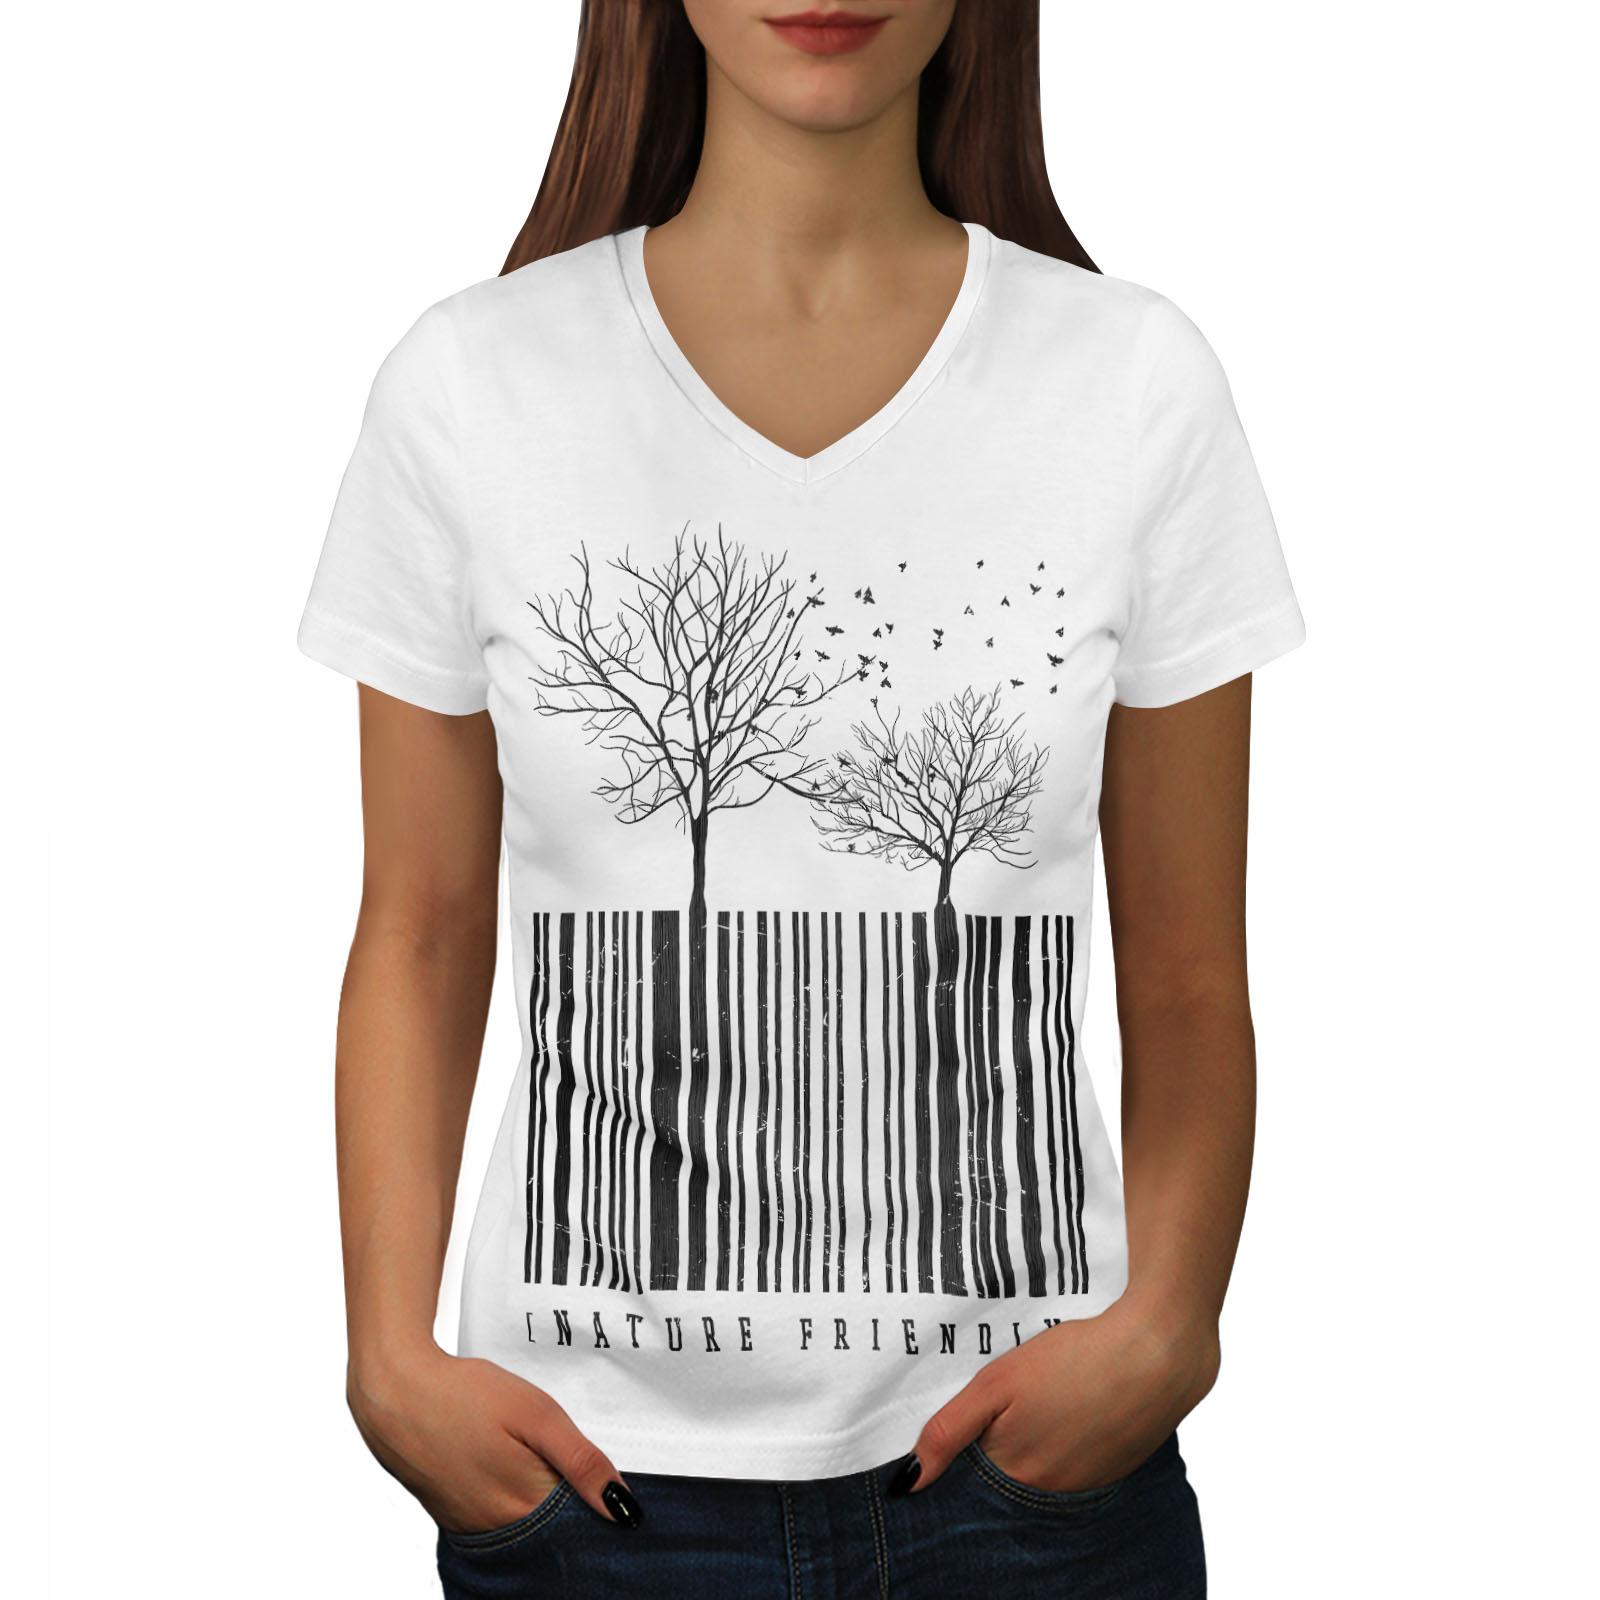 Wellcoda Natura Amichevole Codice Da Donna V-neck T-shirt, Tree Design Grafico Tee-mostra Il Titolo Originale